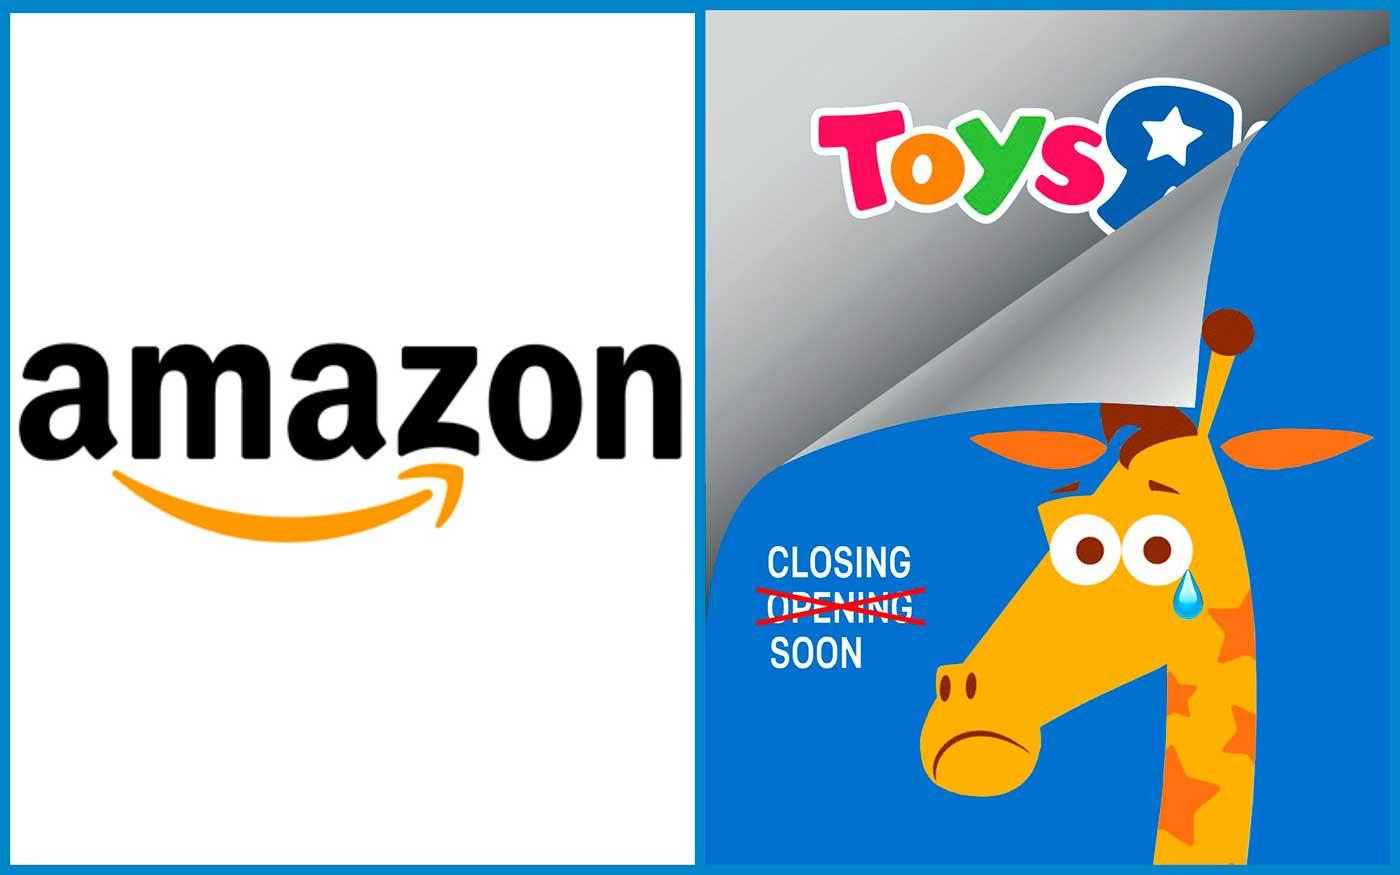 Почему западные toy-ритейлеры терпят убытки? Три кейса западных сетей